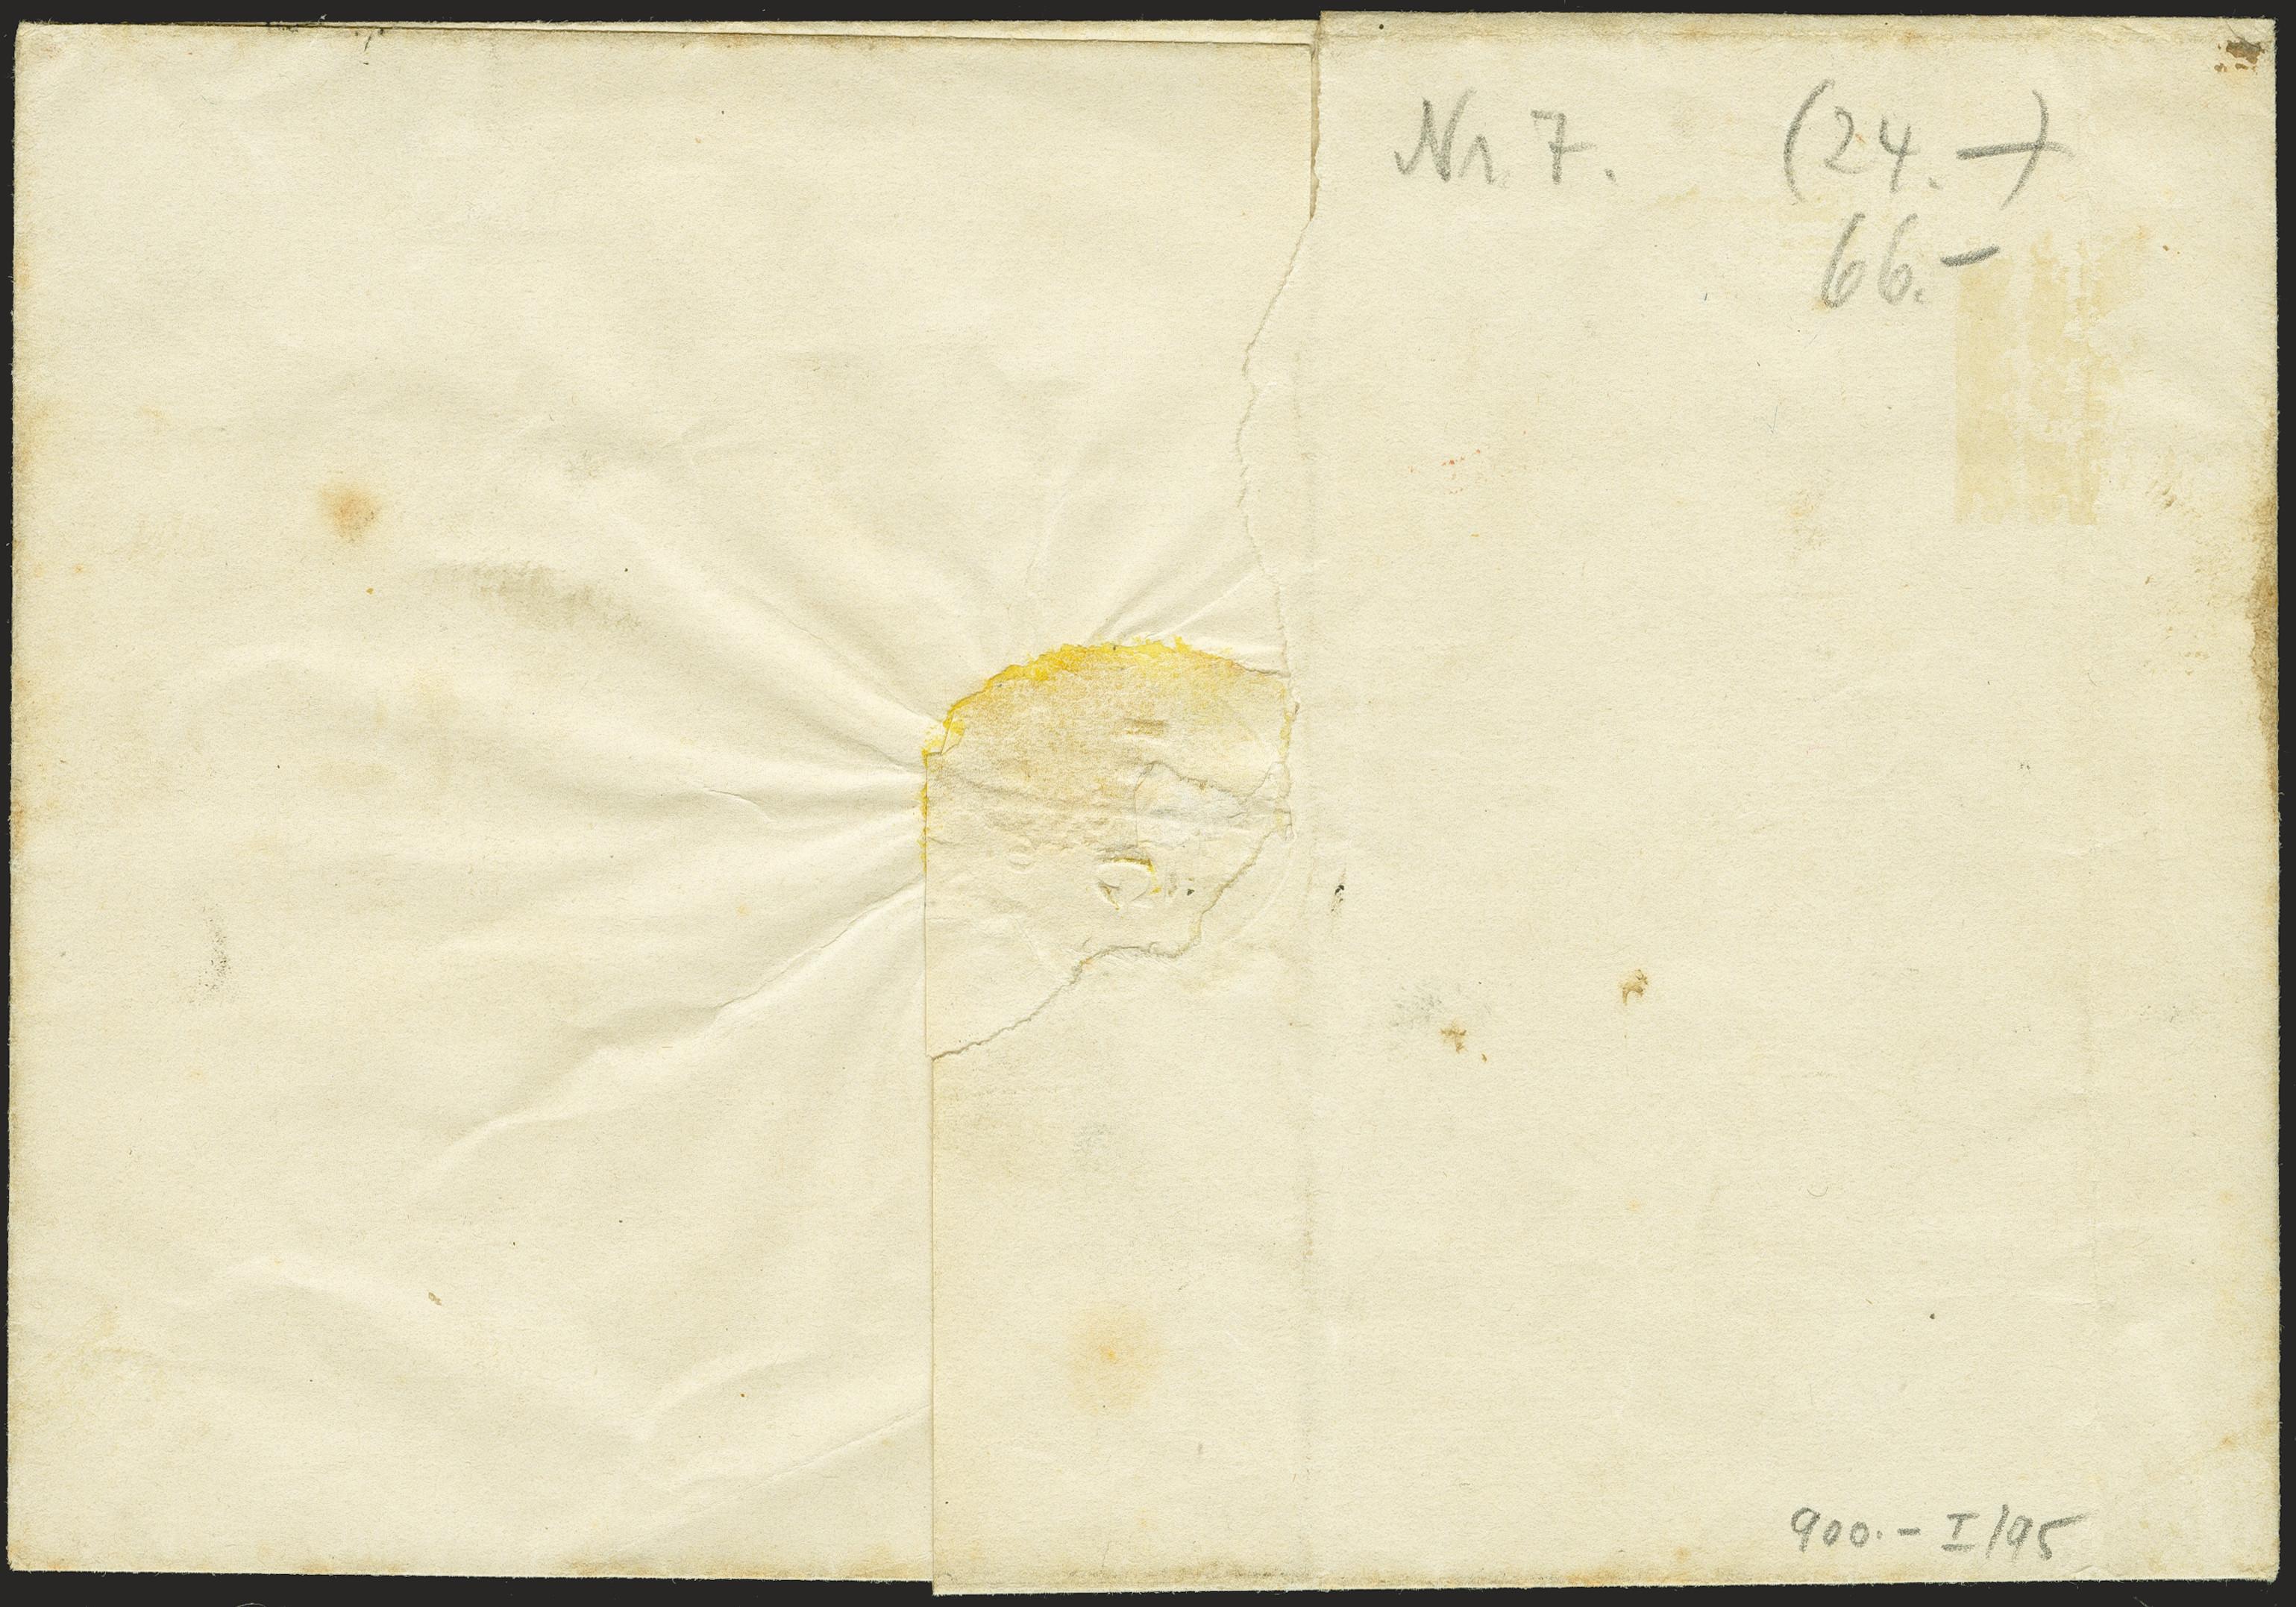 Lot 202 - Altdeutsche Staaten saxony -  Heinrich Koehler Auktionen 375rd Heinrich Köhler auction - Day 6